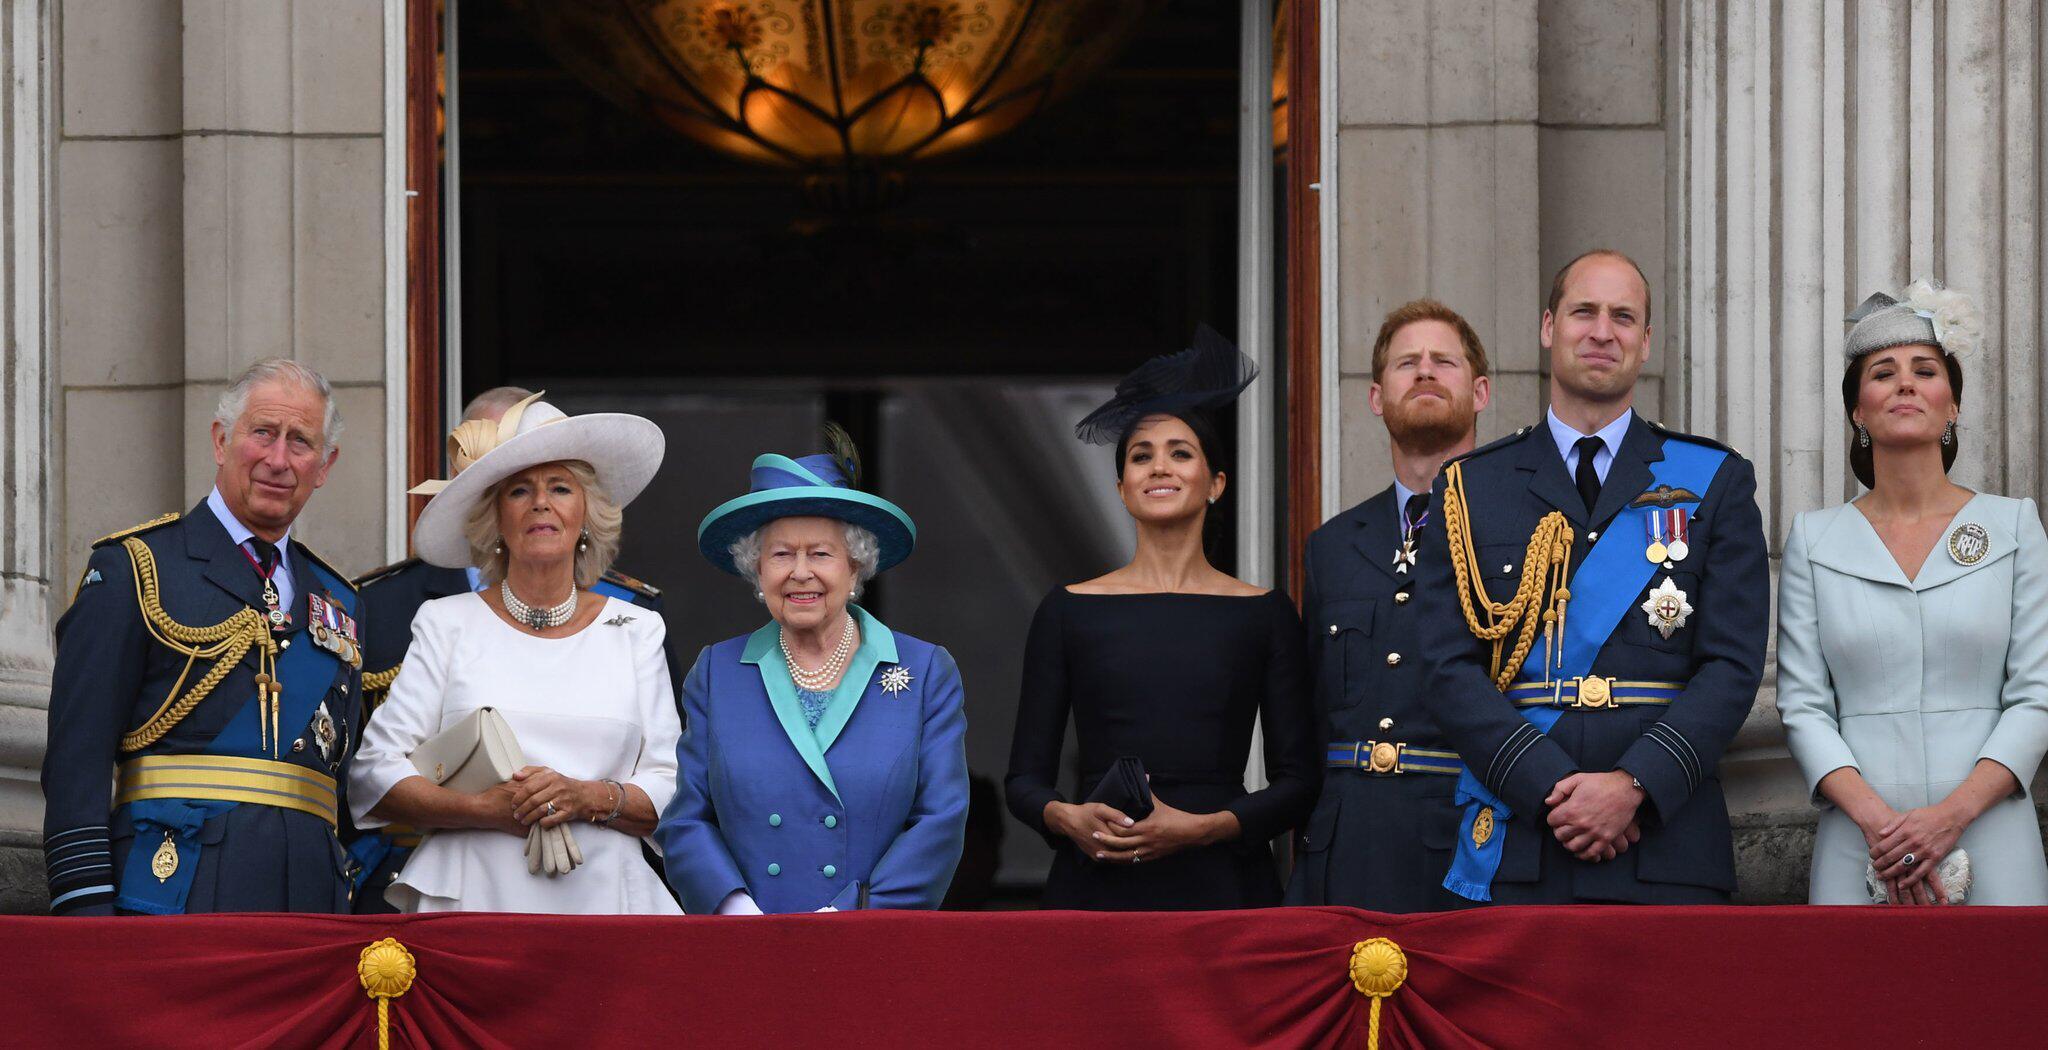 Queen gibt Enkel Harry ihren Segen